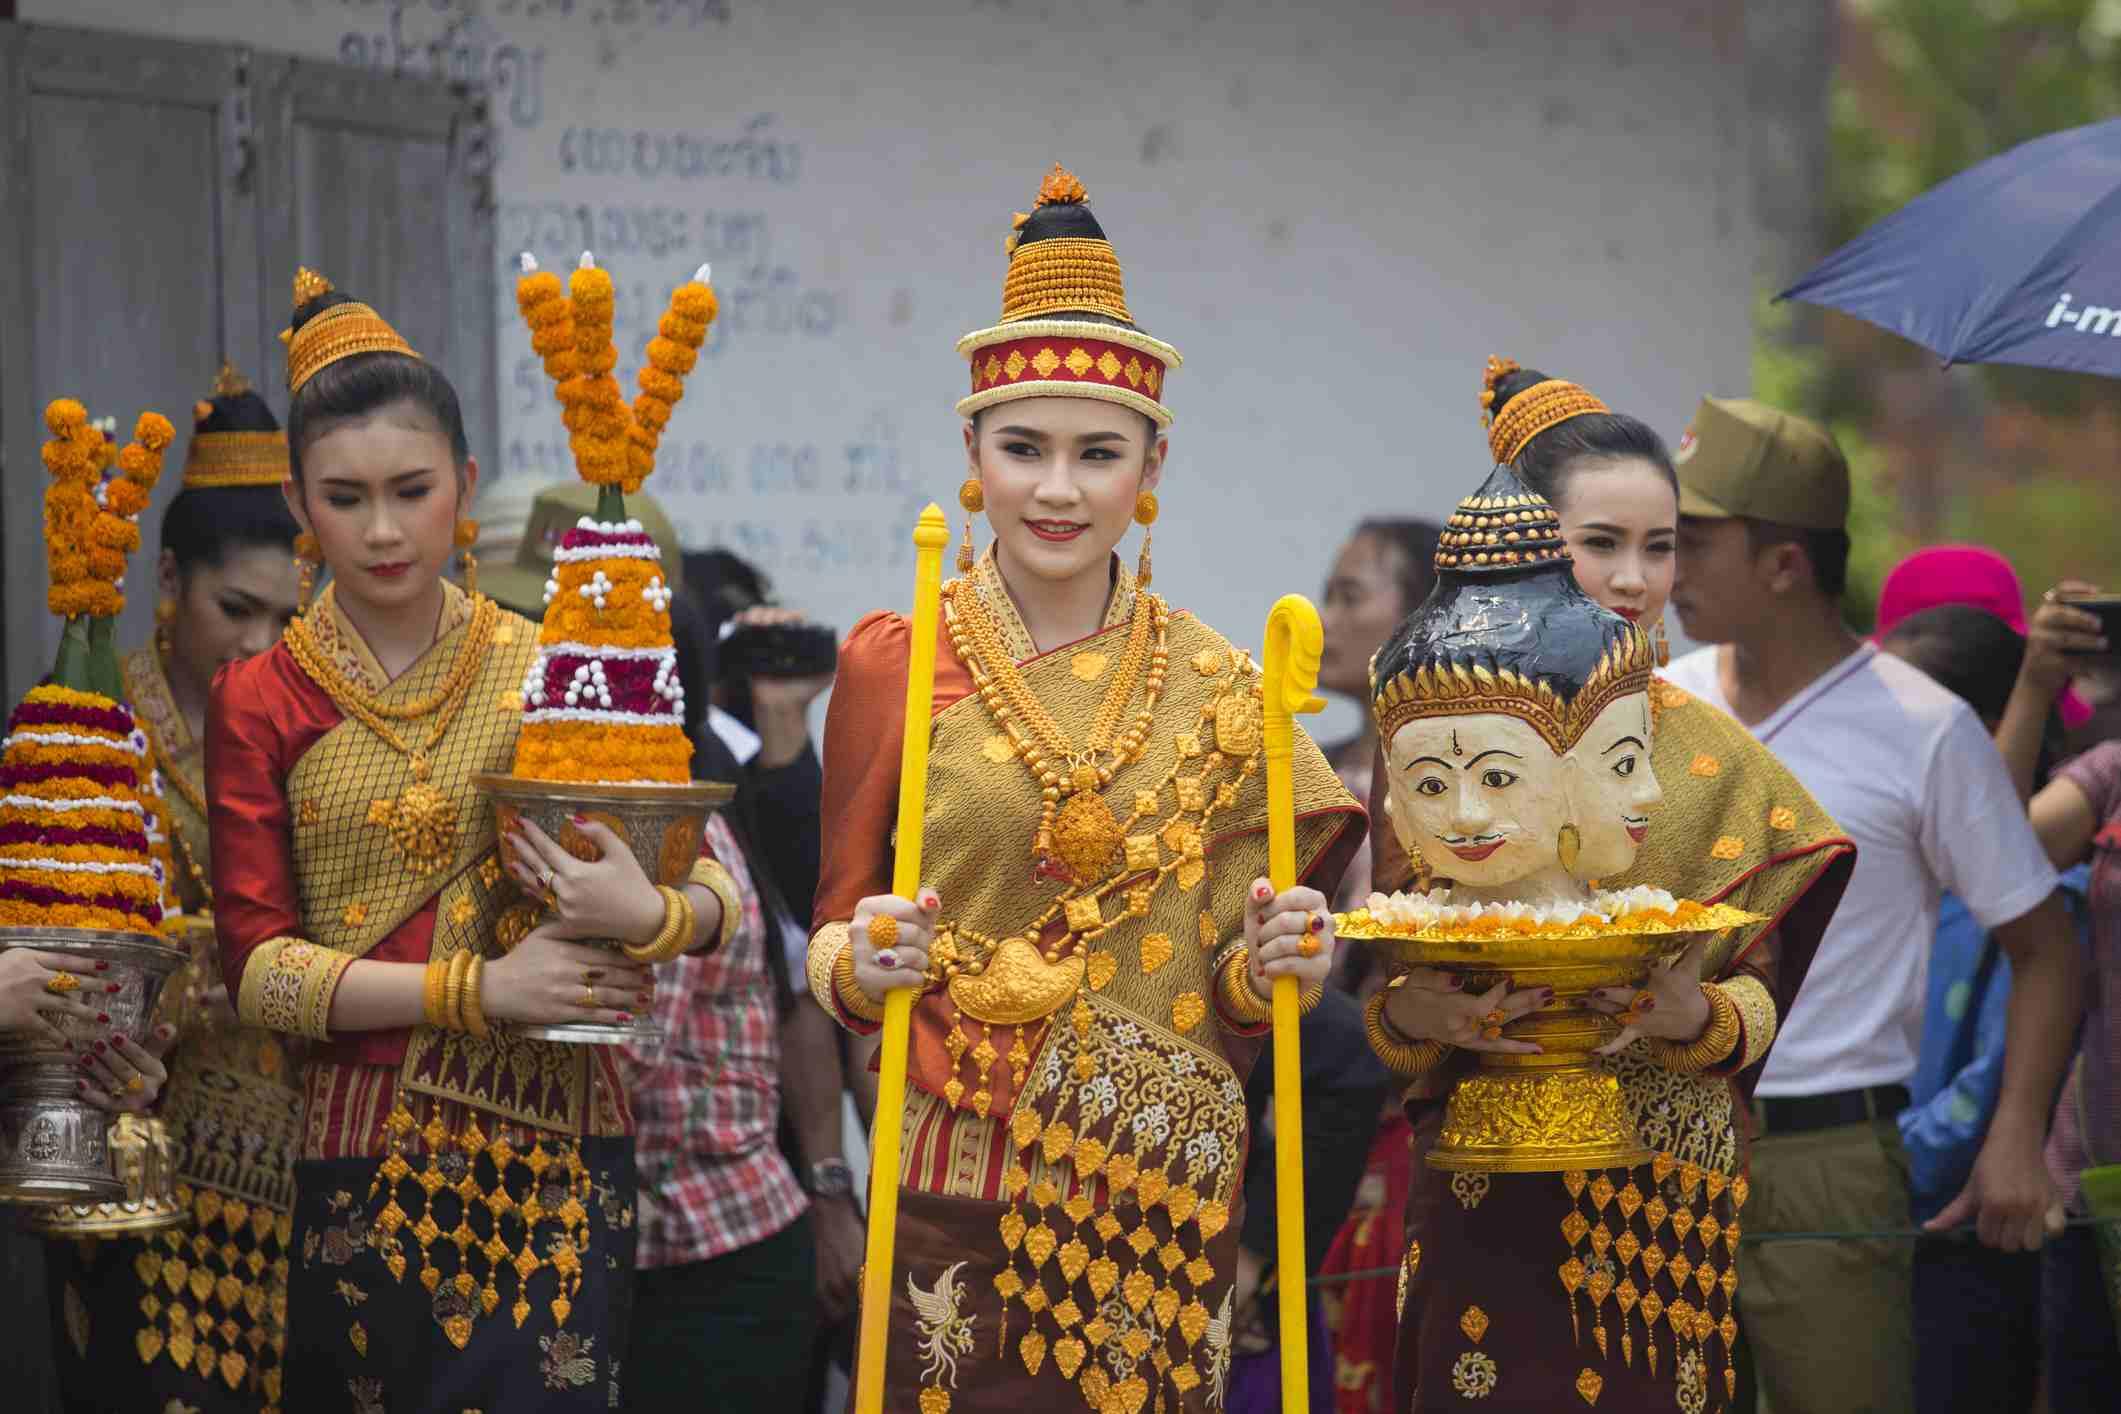 Nang Sangkhan procession, Luang Prabang, Laos